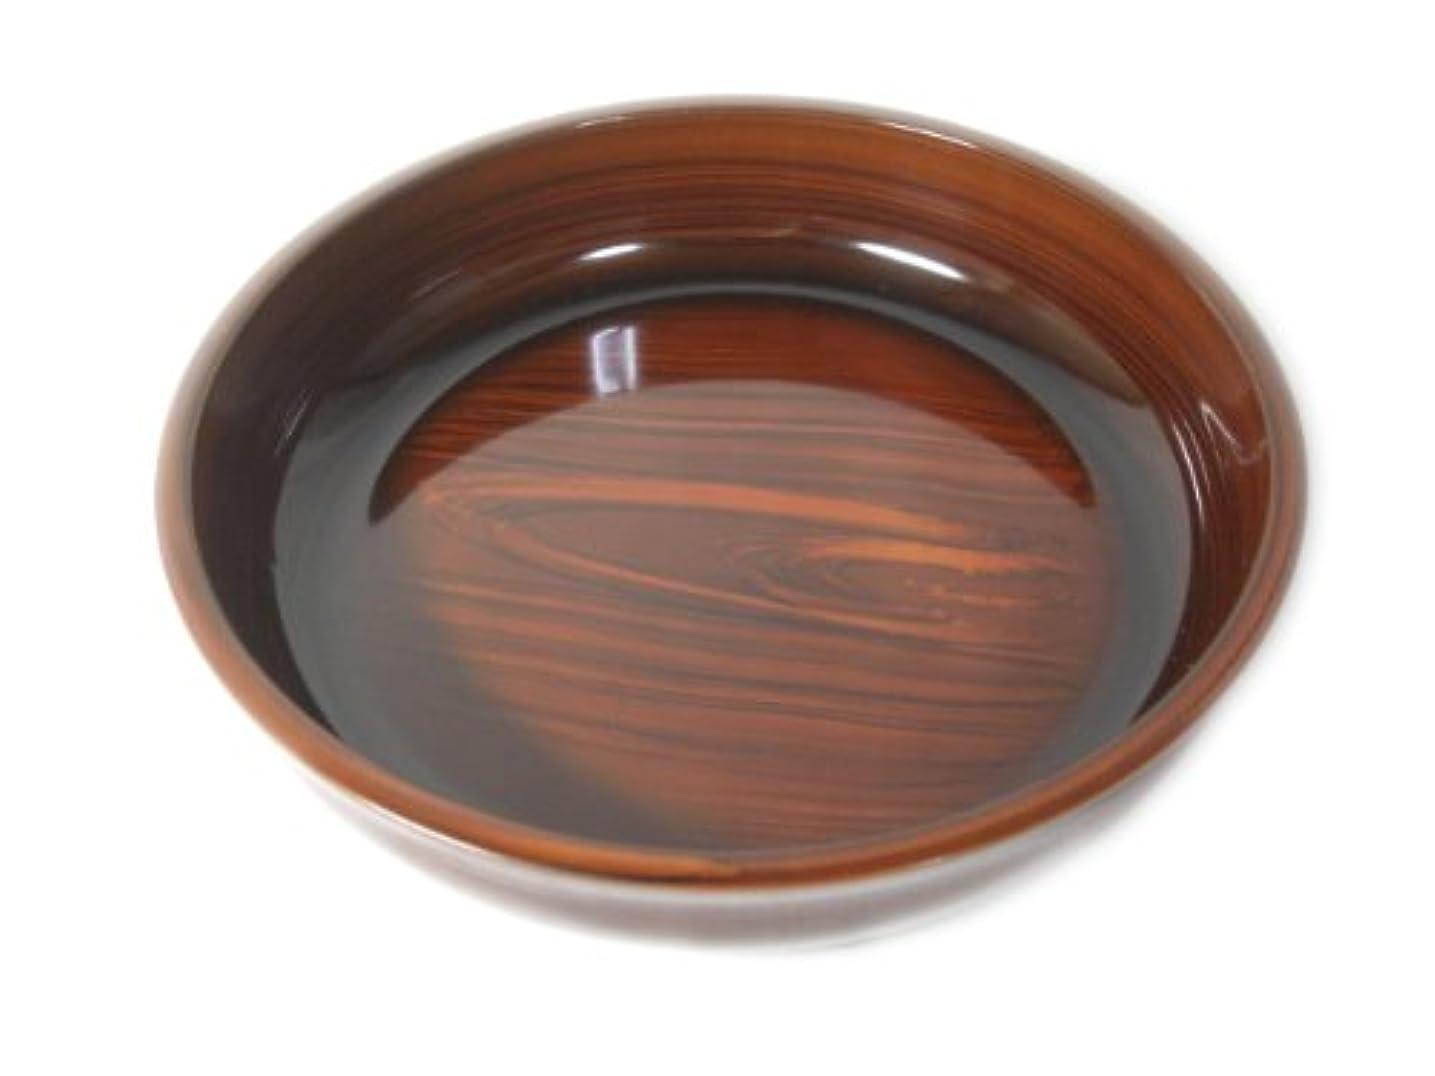 誘発する無意識穀物山中塗 桜小町 梅型 菓子鉢 7.5 溜 M13571-8